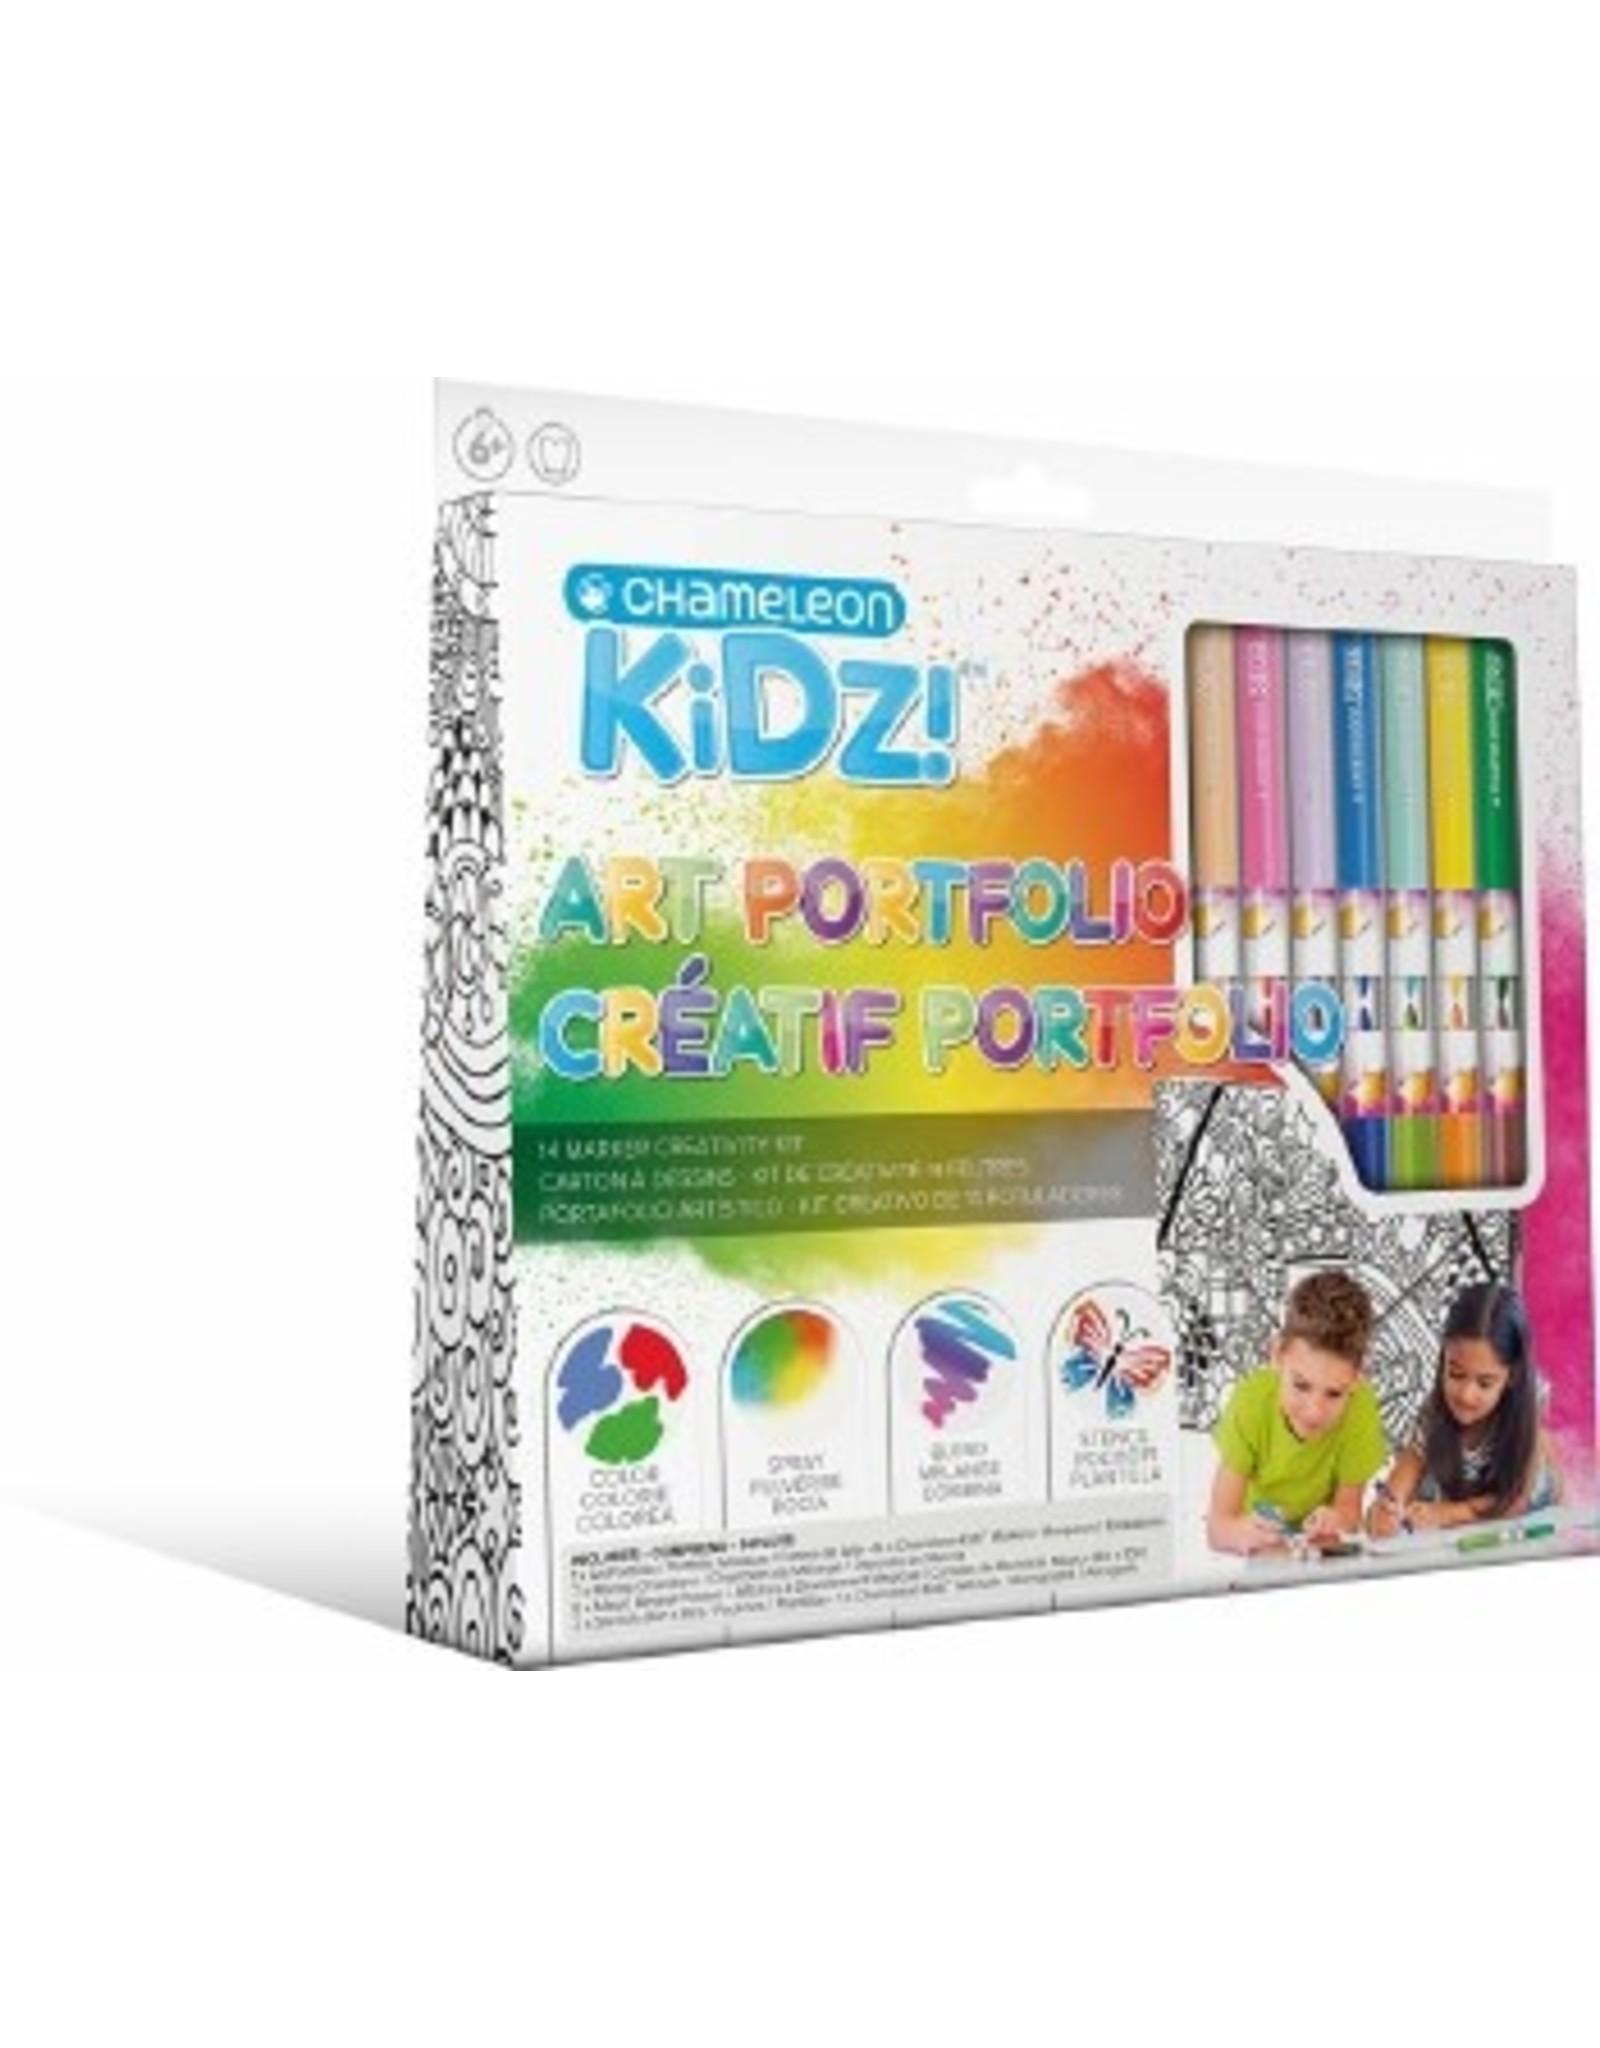 Chameleon Kidz!™ Art Portfolio 14 Marker Creativity Kit